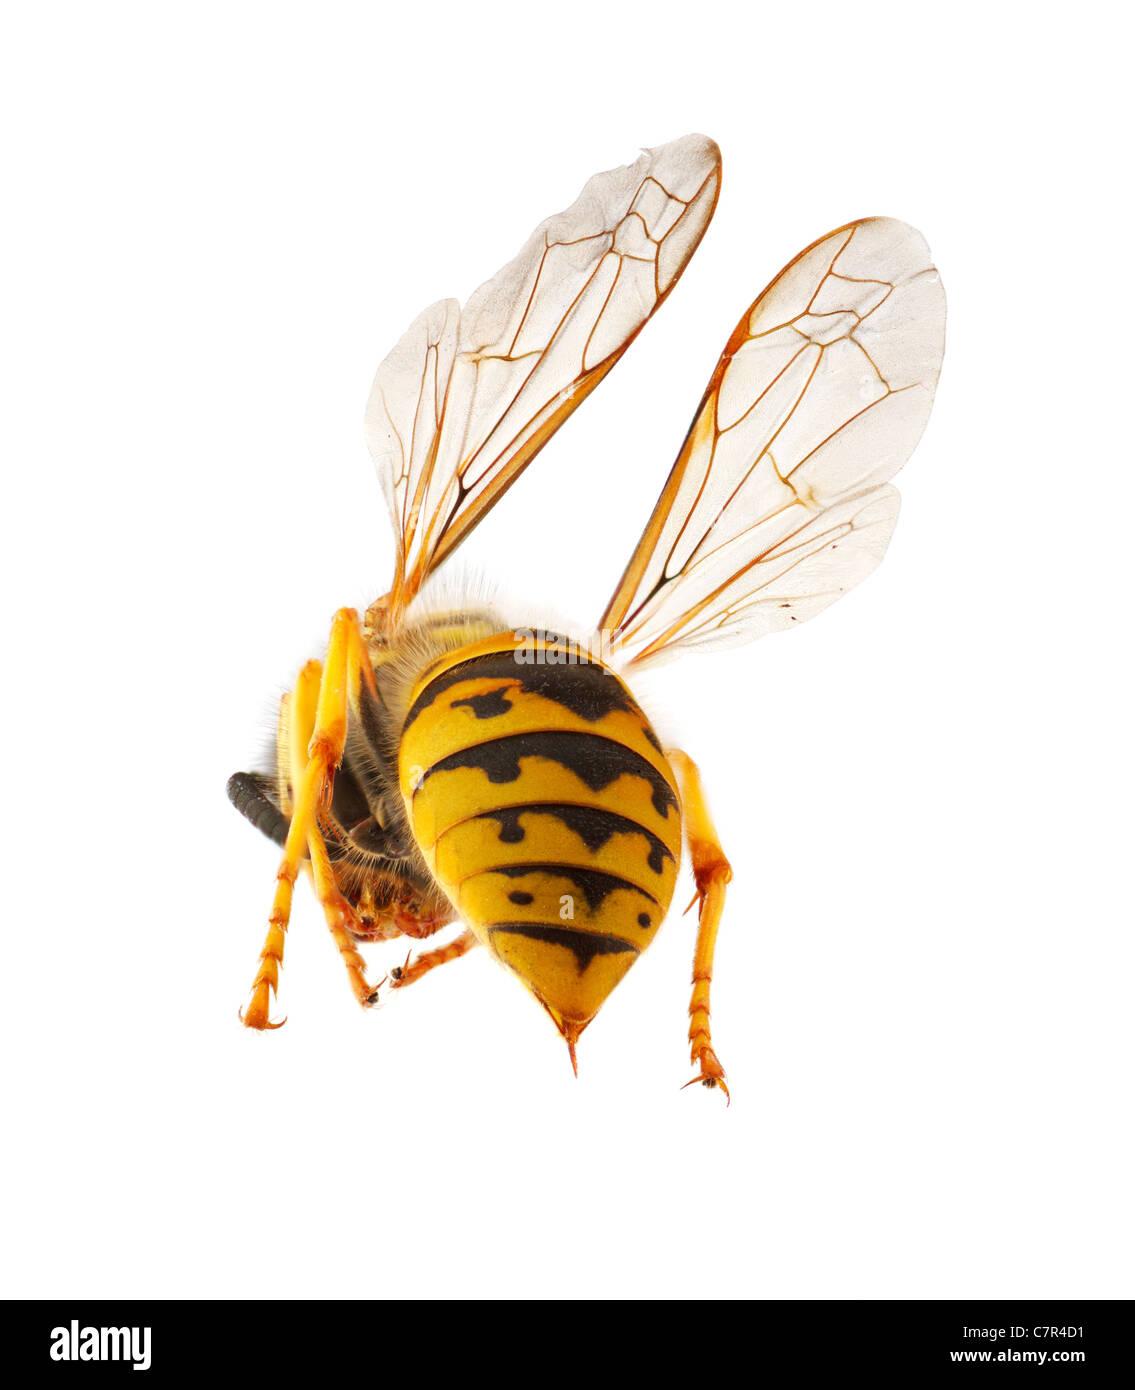 Wespe, die Präsentation des Bauches mit bedrohlichen Stinger, Makro mit gestapelten Fokus, isoliert Konzept Stockbild